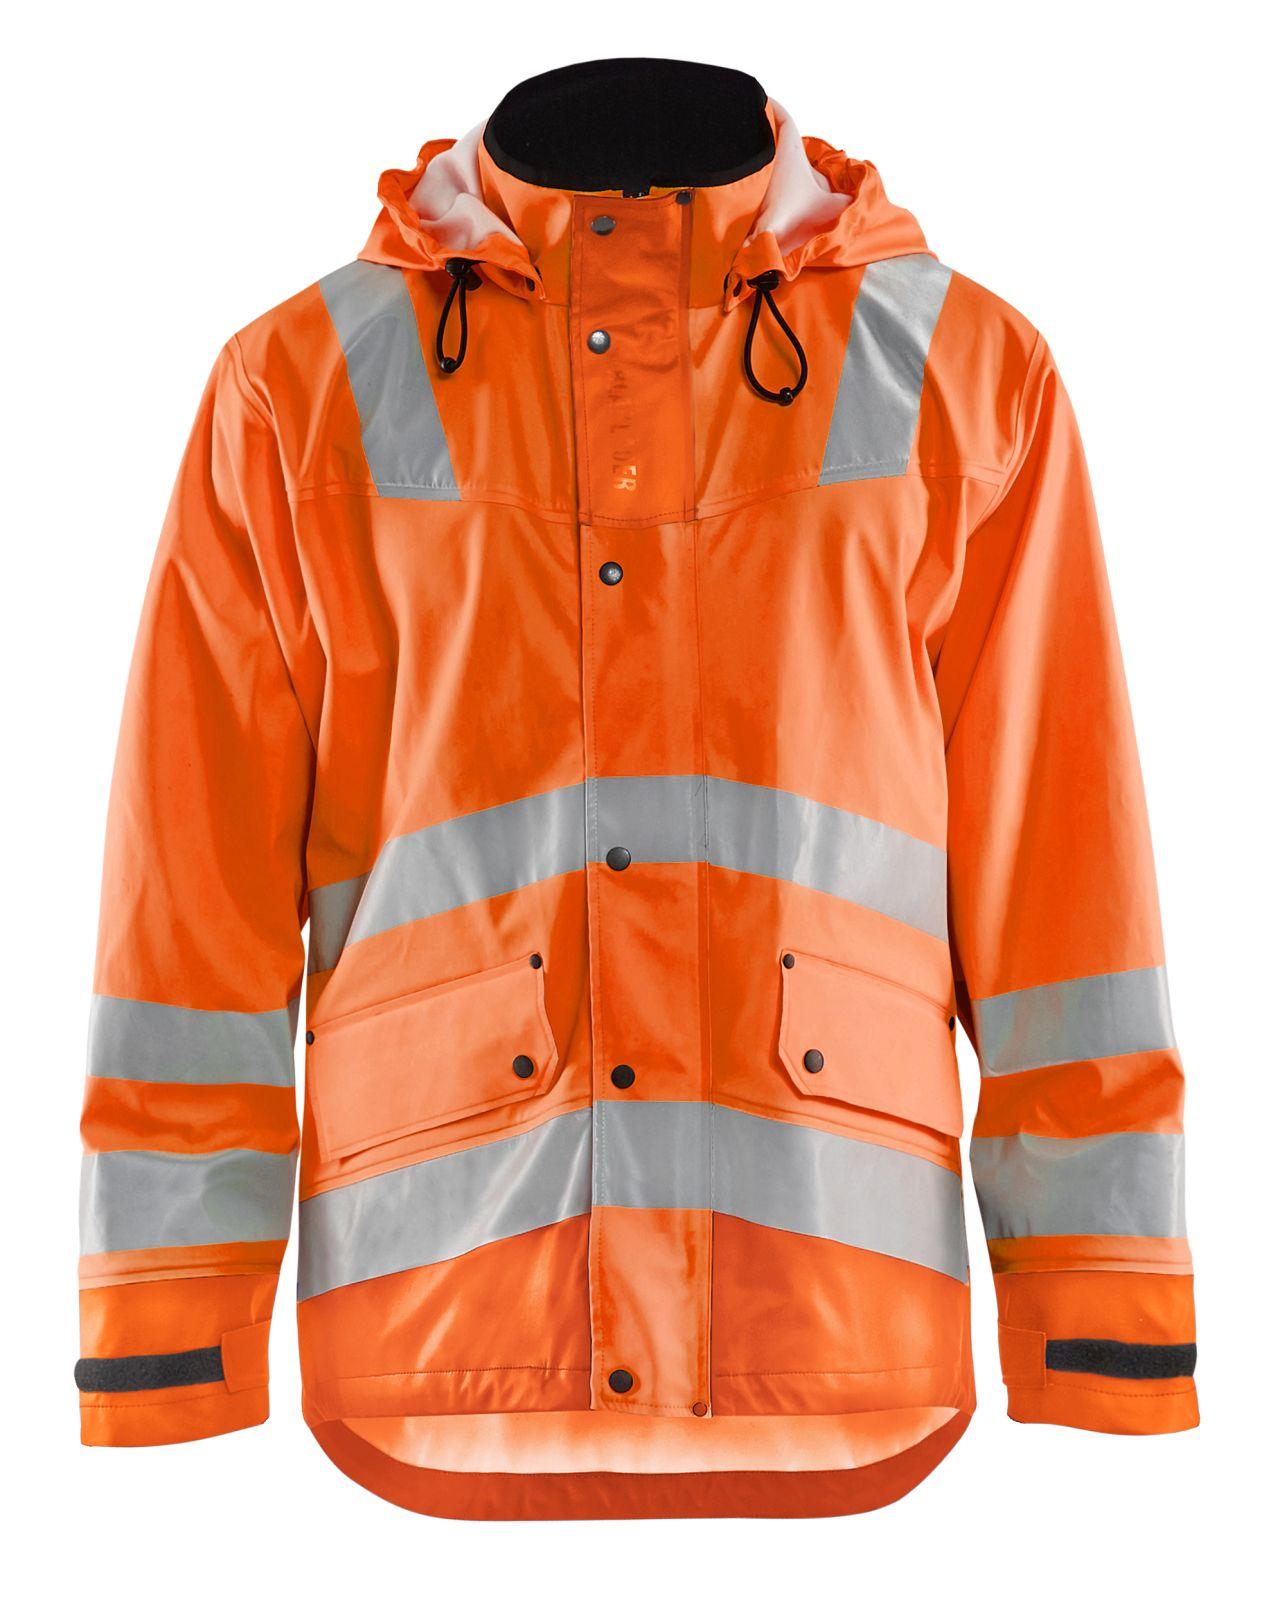 Blaklader Jassen 43272005 High Vis fluo-oranje(5300)